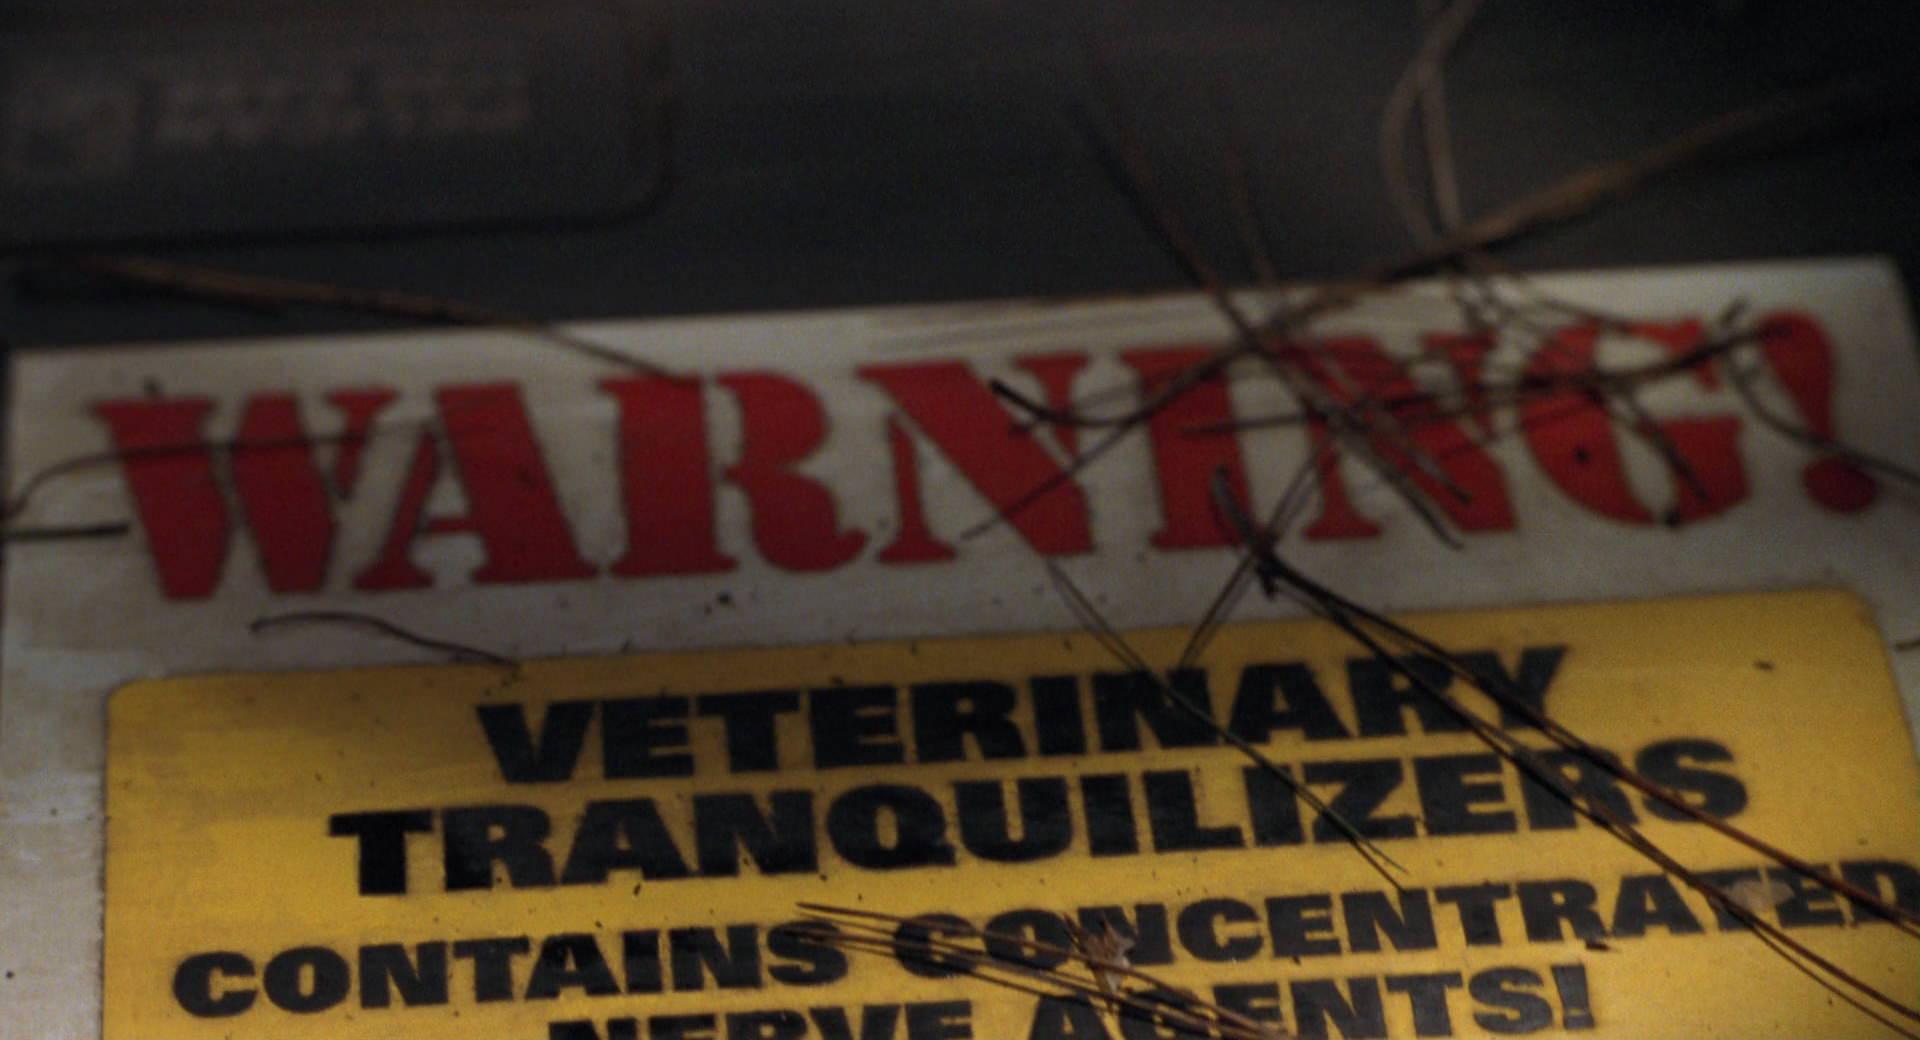 The Lost World Jurassic Park Screencaps are here Jurassic-lost-world-movie-screencaps.com-9994